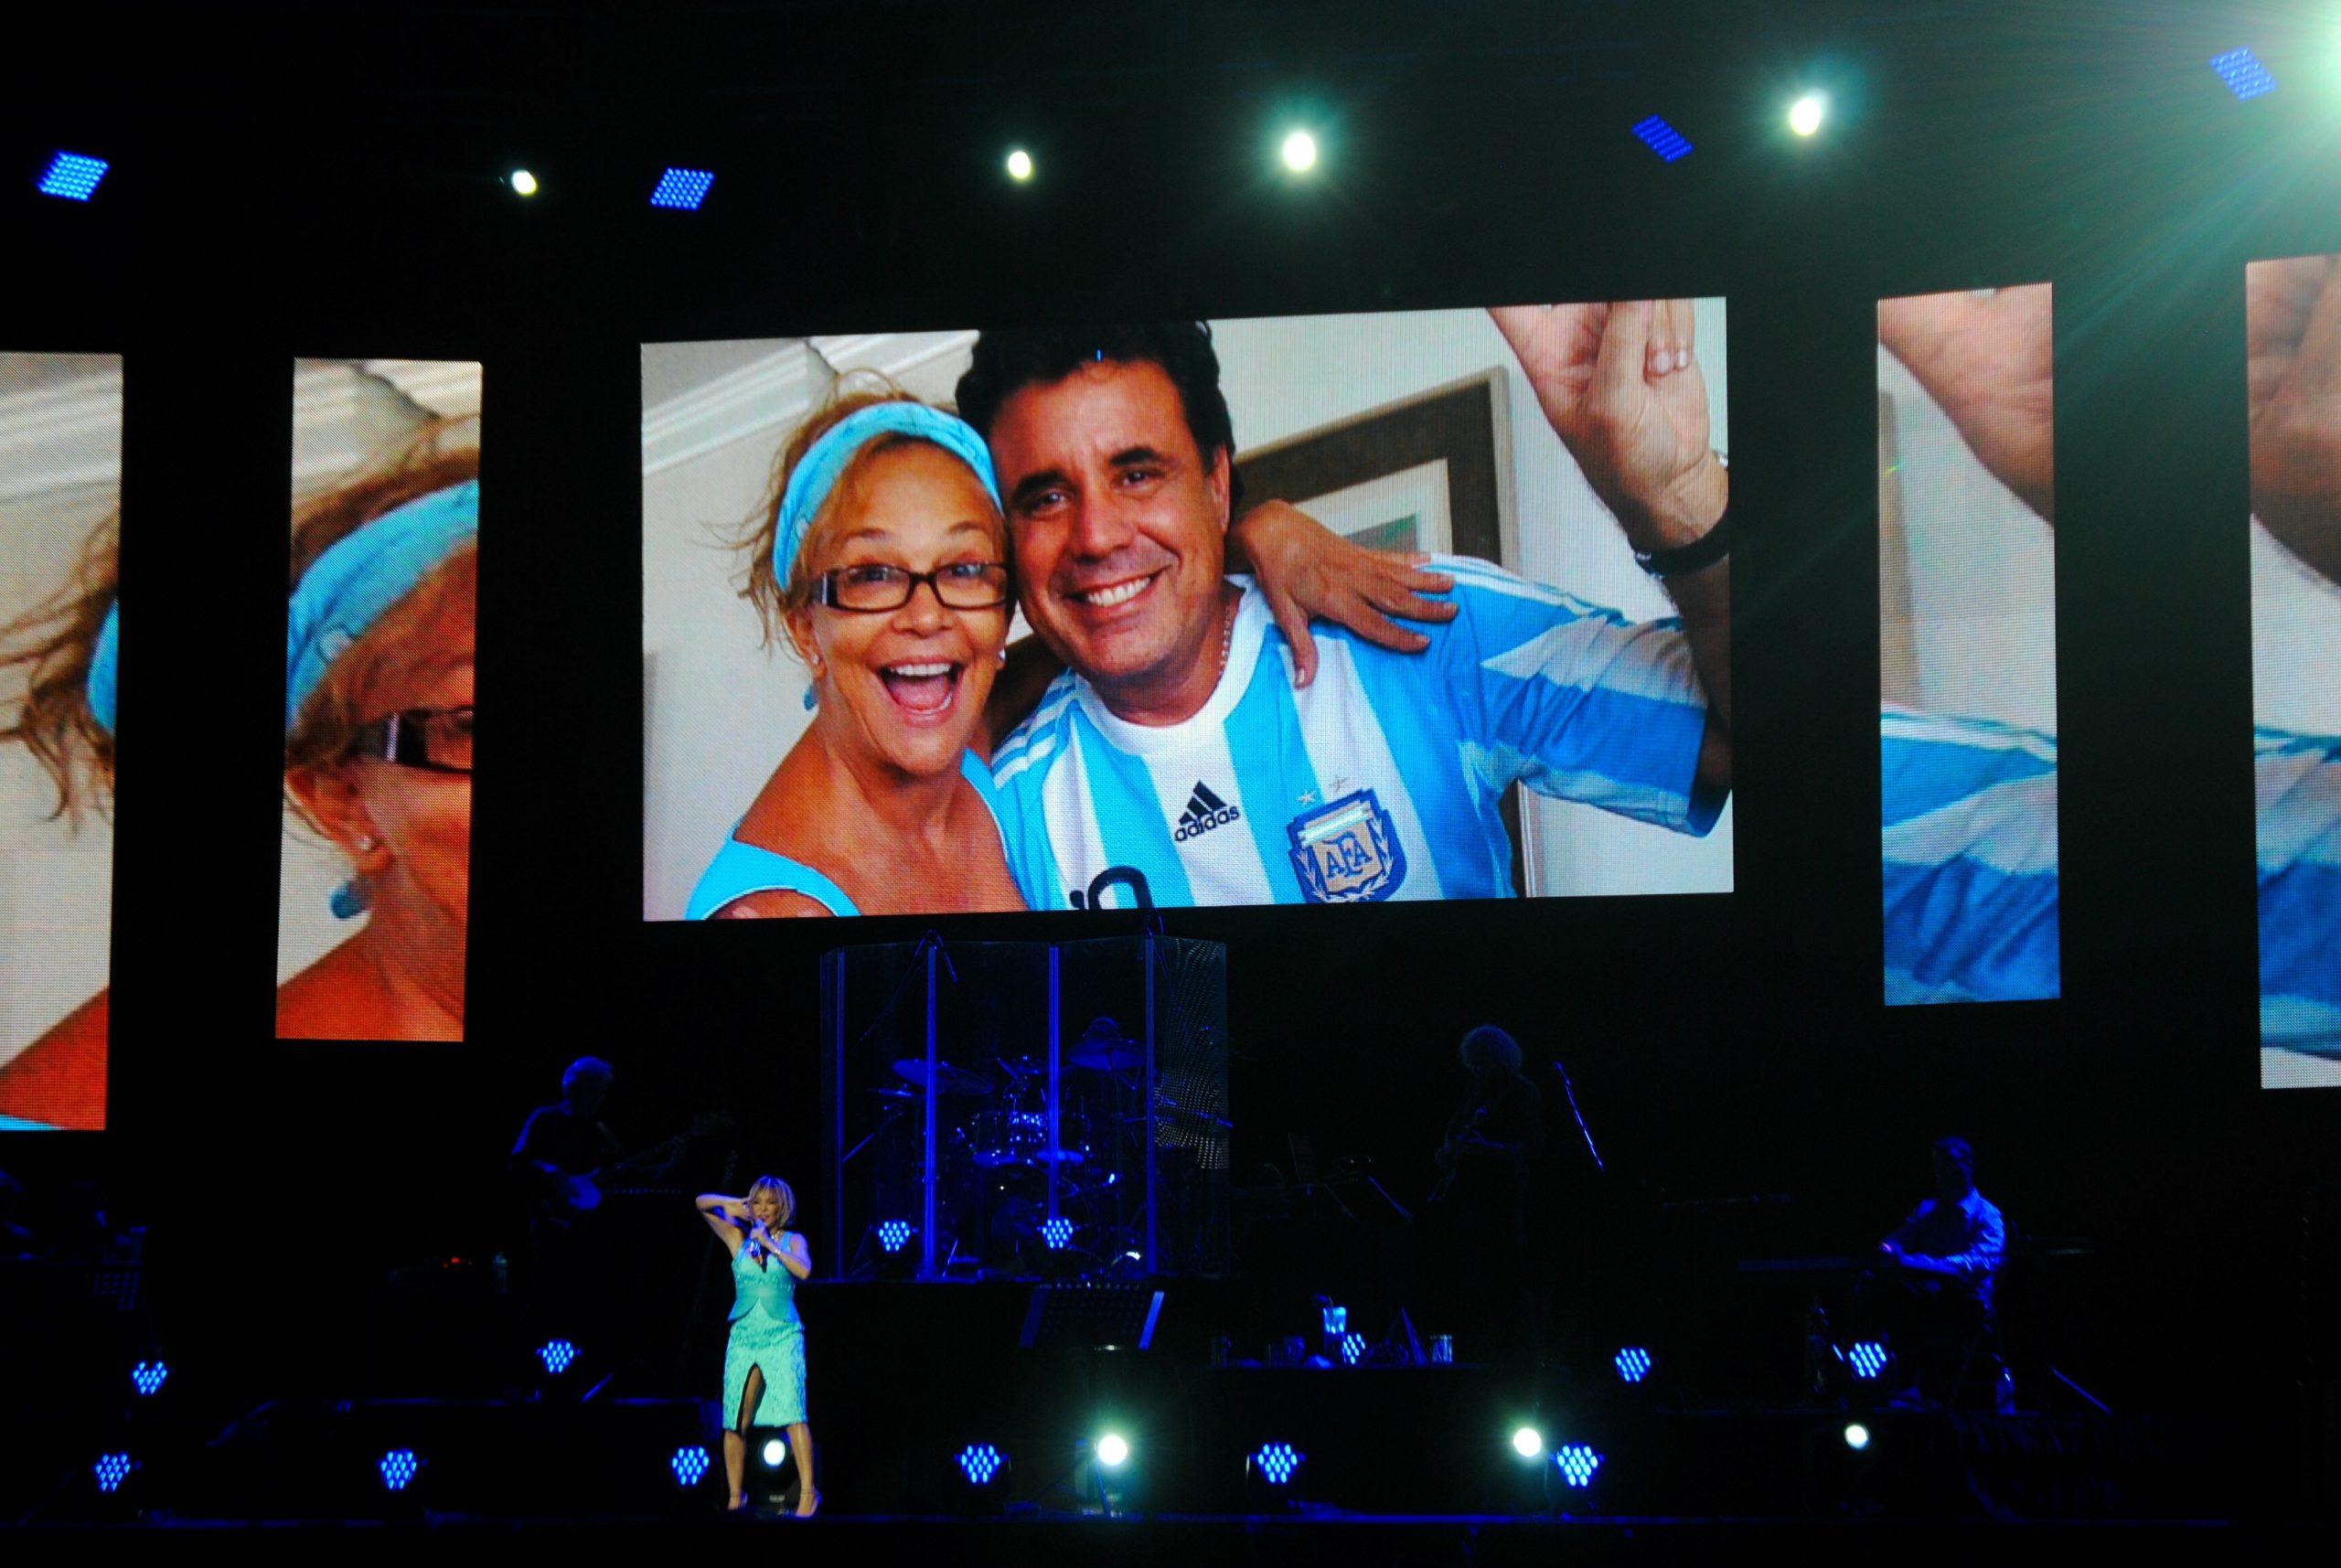 El uso de pantallas durante el concierto sirvió para iexhibir imáhgenes de las vivencias de Yolandita con su difunto esposo. (Foto Jaime Torres Torres para Fundación Nacional para la Cultura Popular)